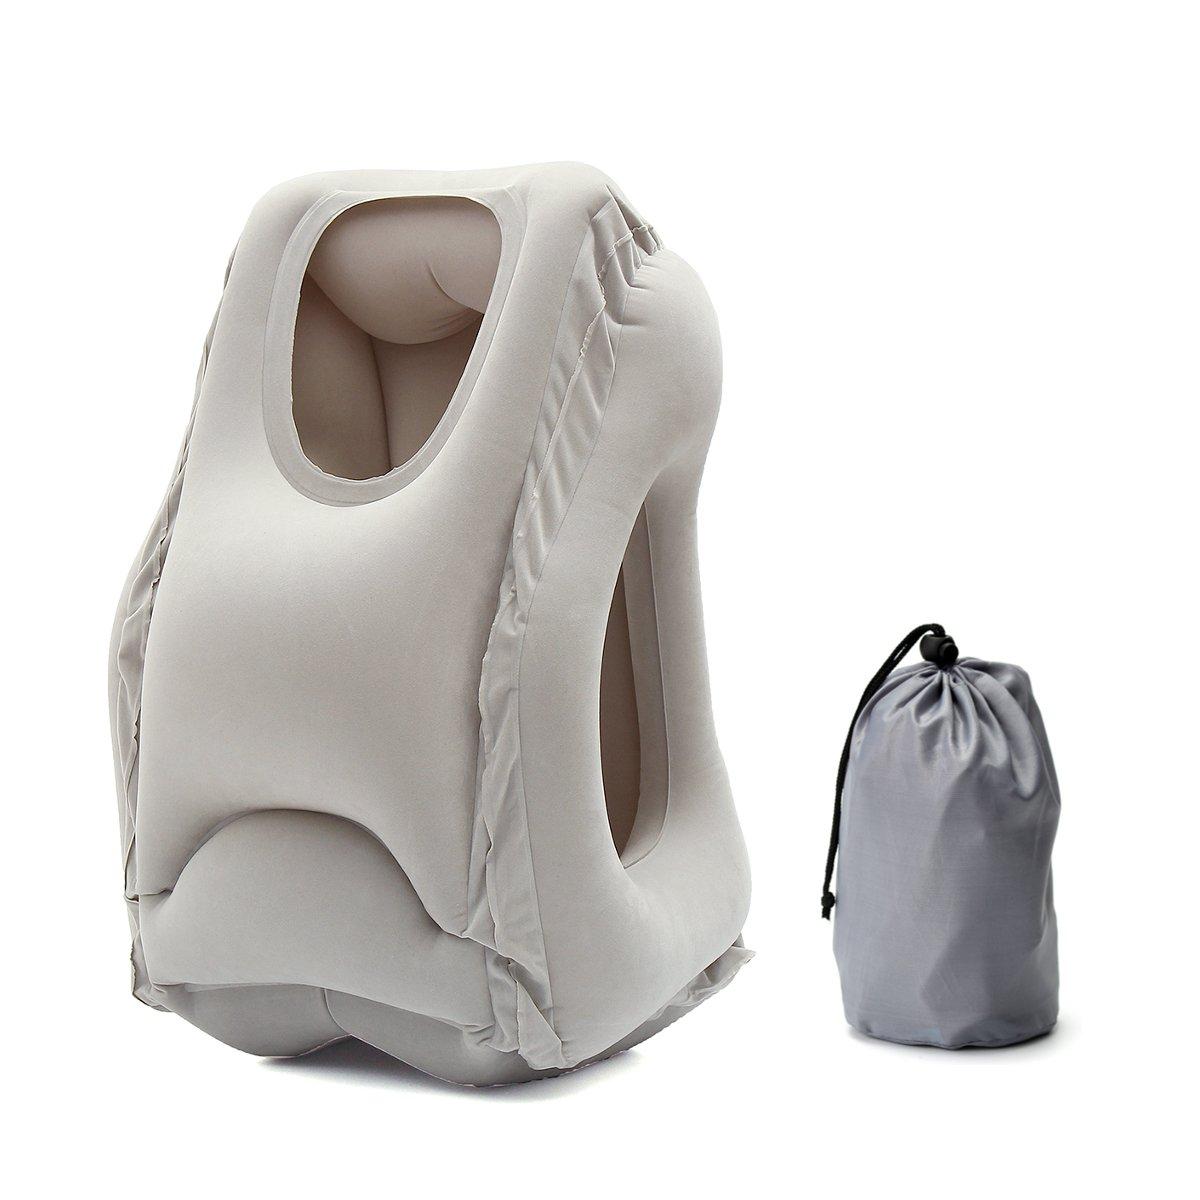 Baban Almohada de Viaje Almohada Inflable Almohada Plegable Con una bolsa de